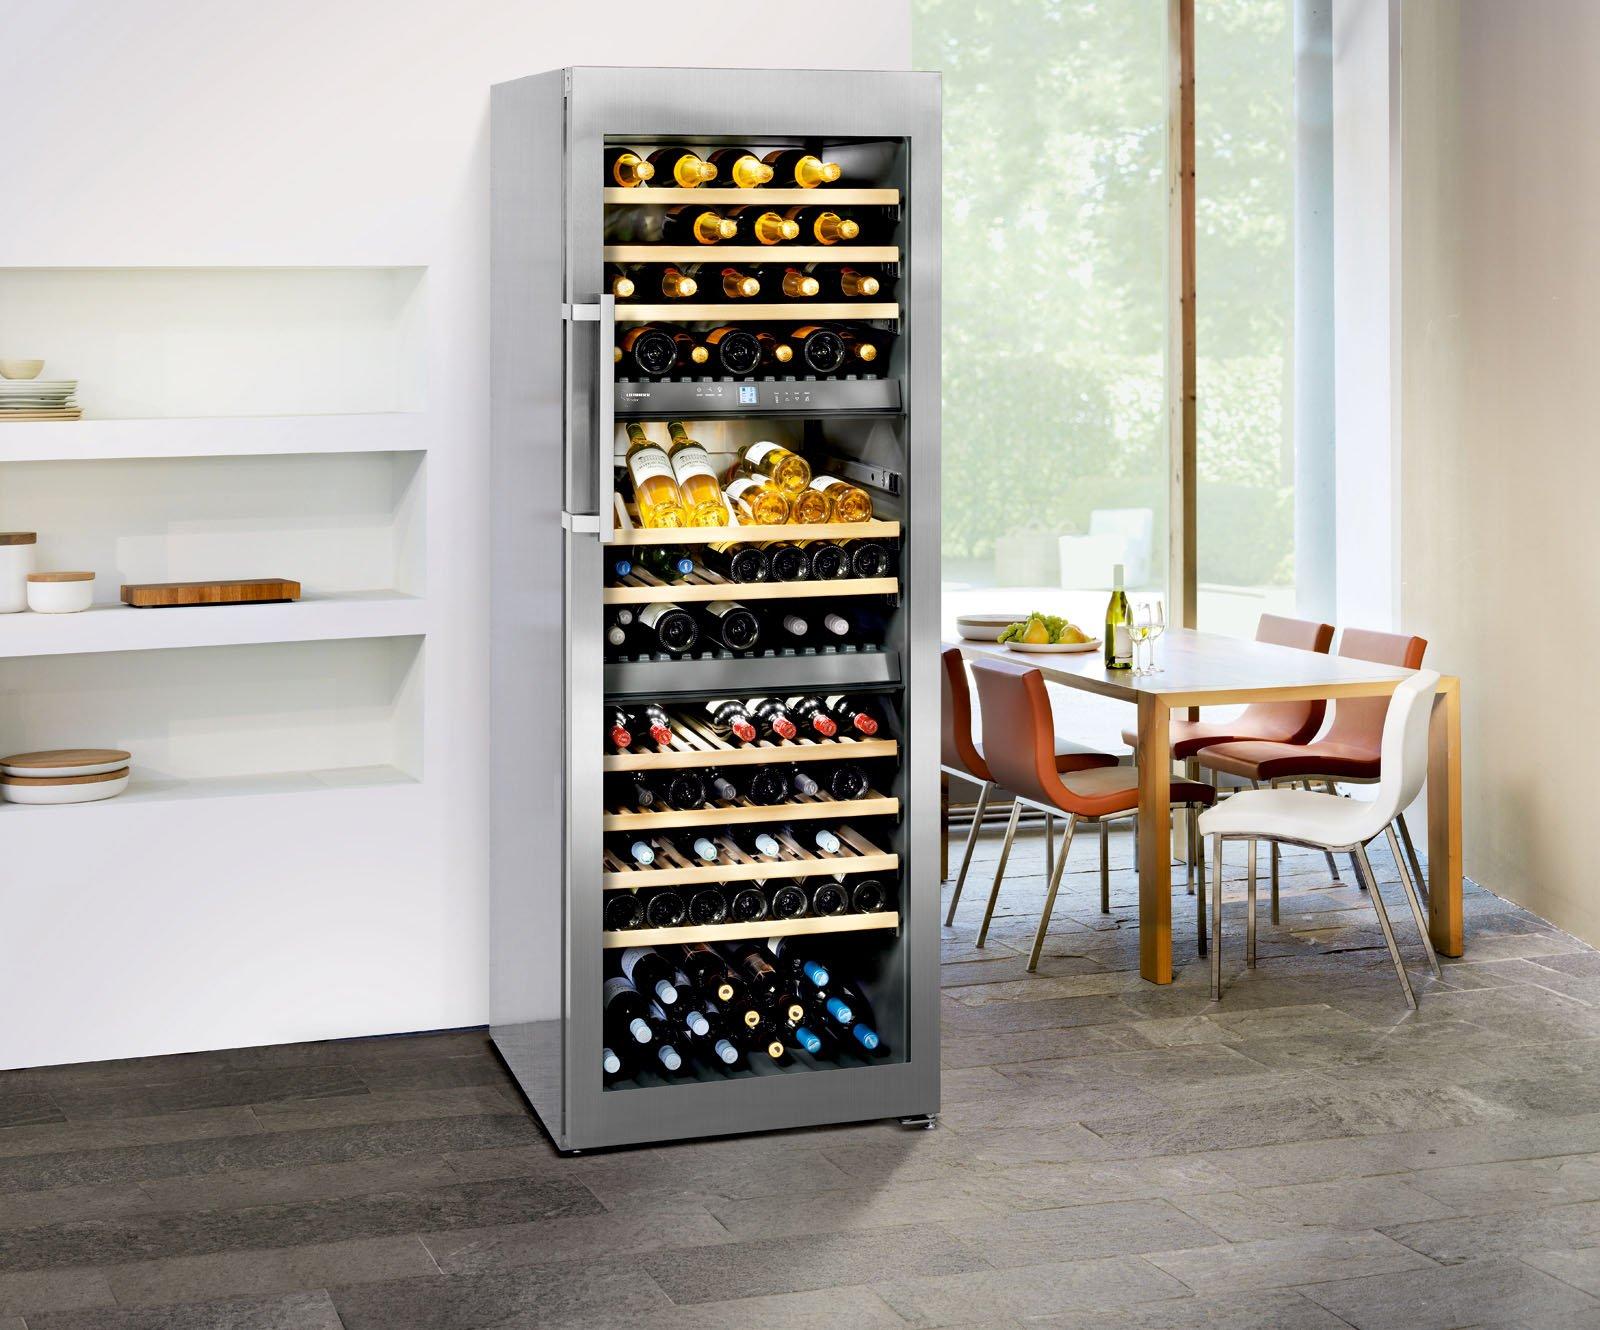 cantinetta vino enoteca privata : Nei modelli elettronici , l?impostazione dei gradi di temperatura e ...